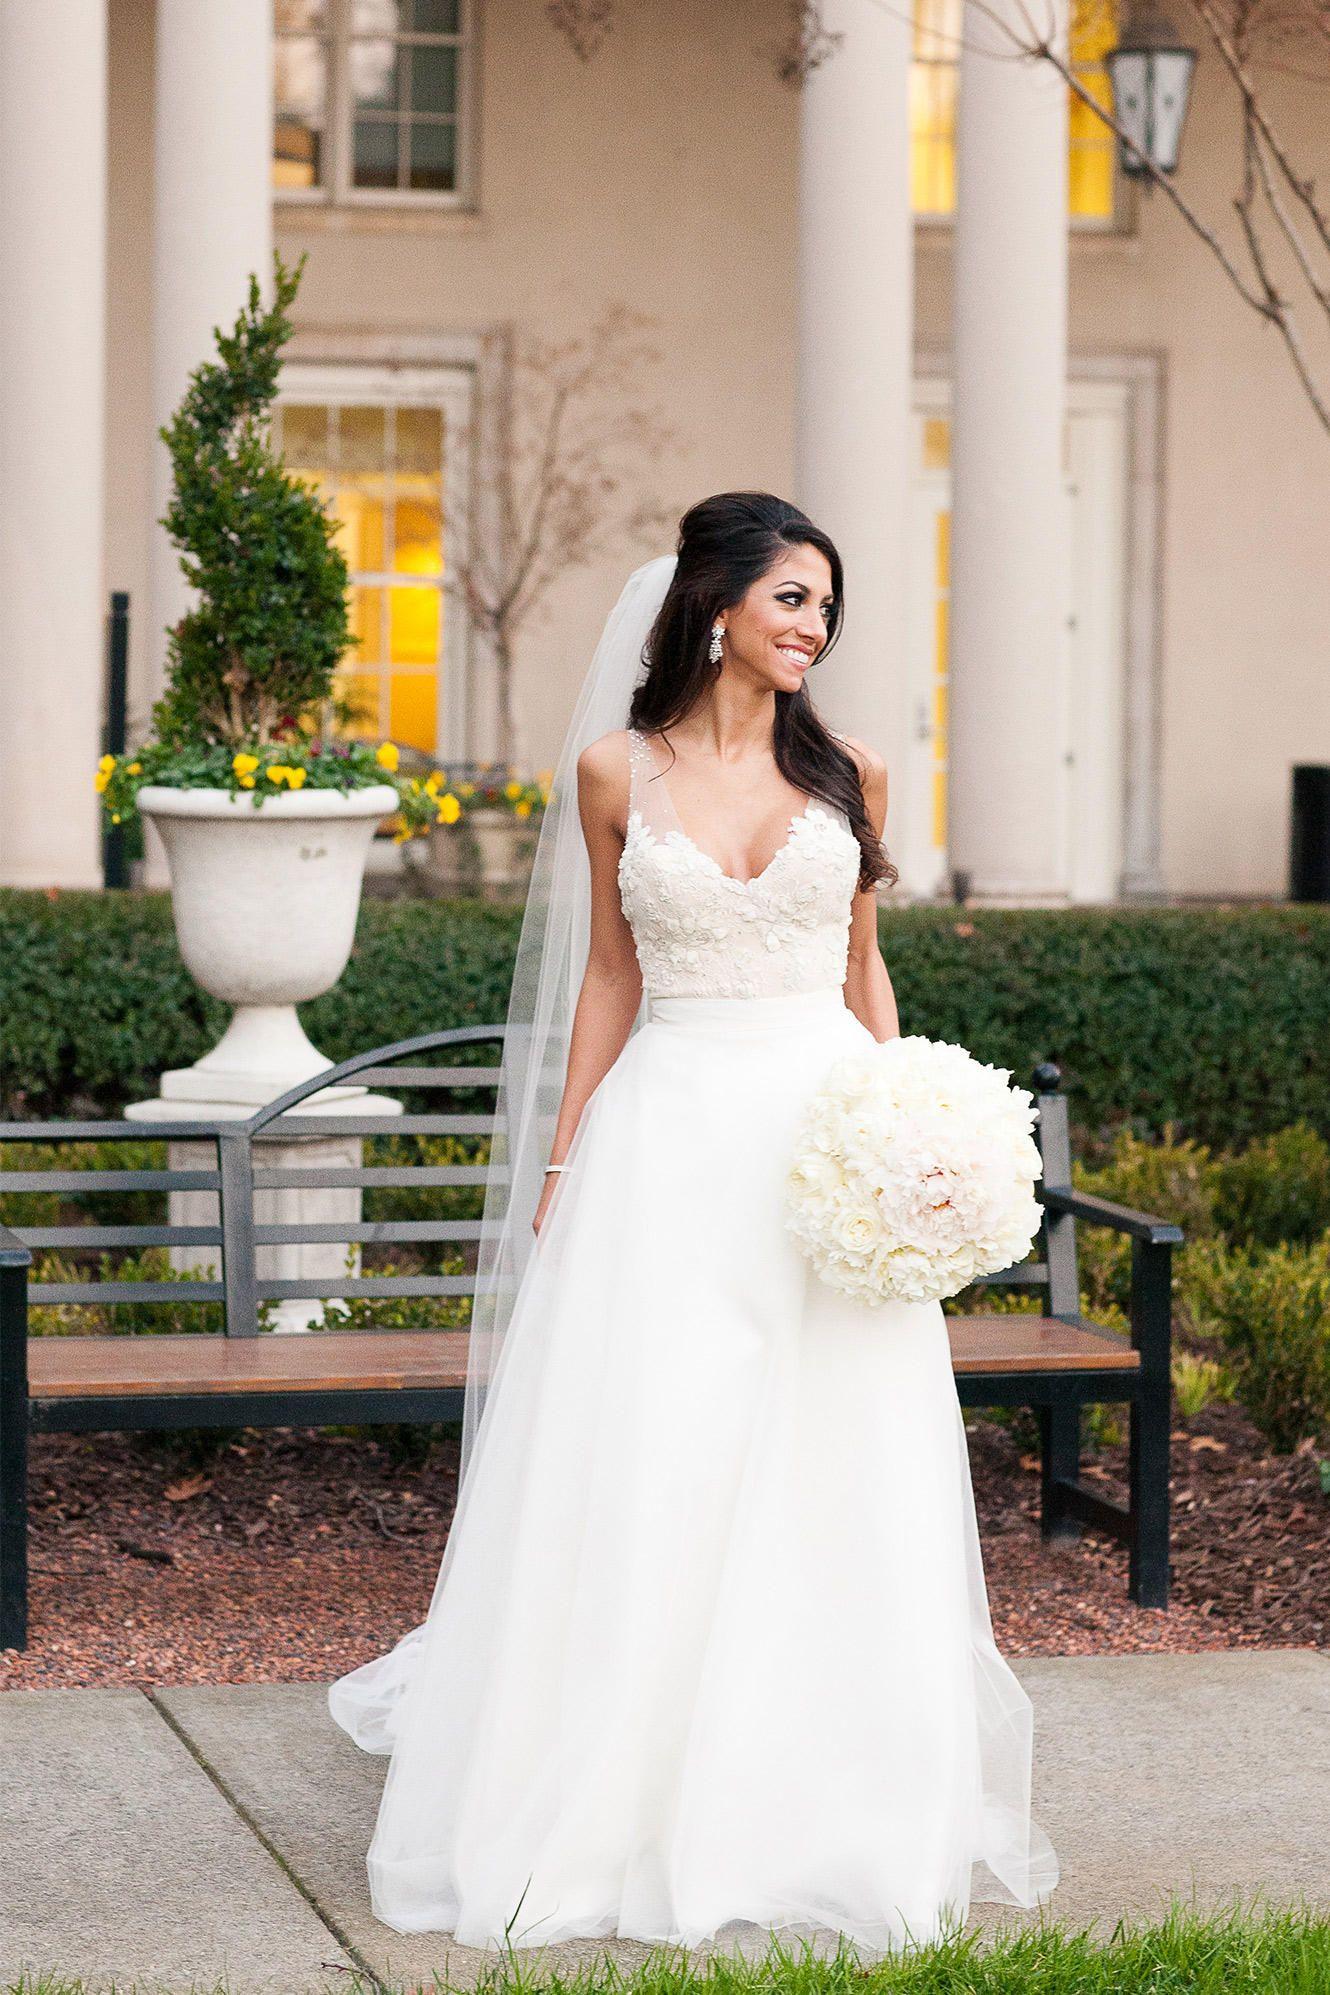 Tia\'s Wedding Photos | Wedding, Weddings and Bridal boutique